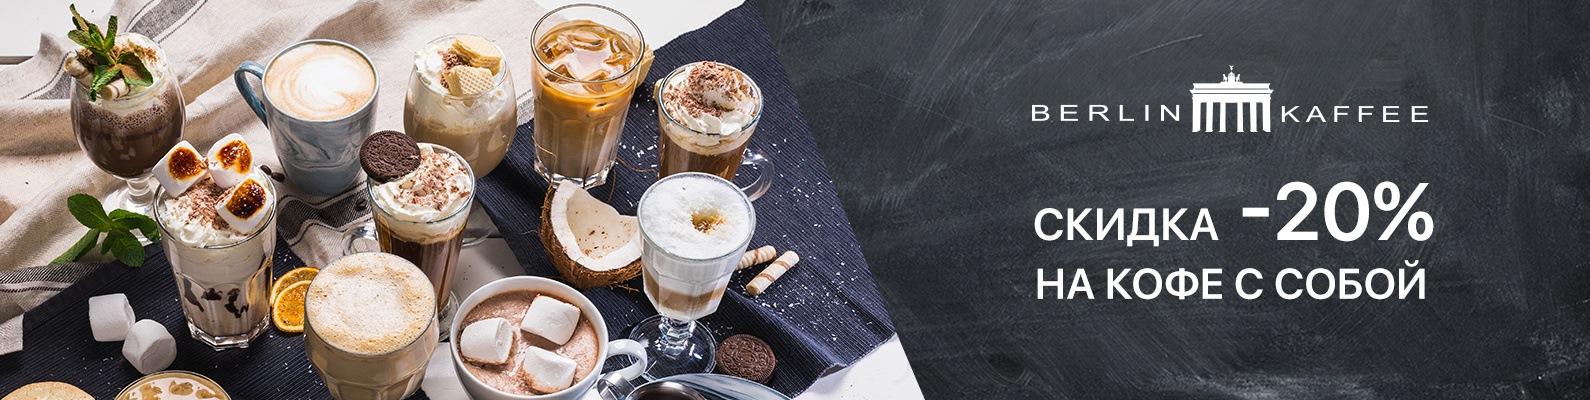 Kaffee K Berlin